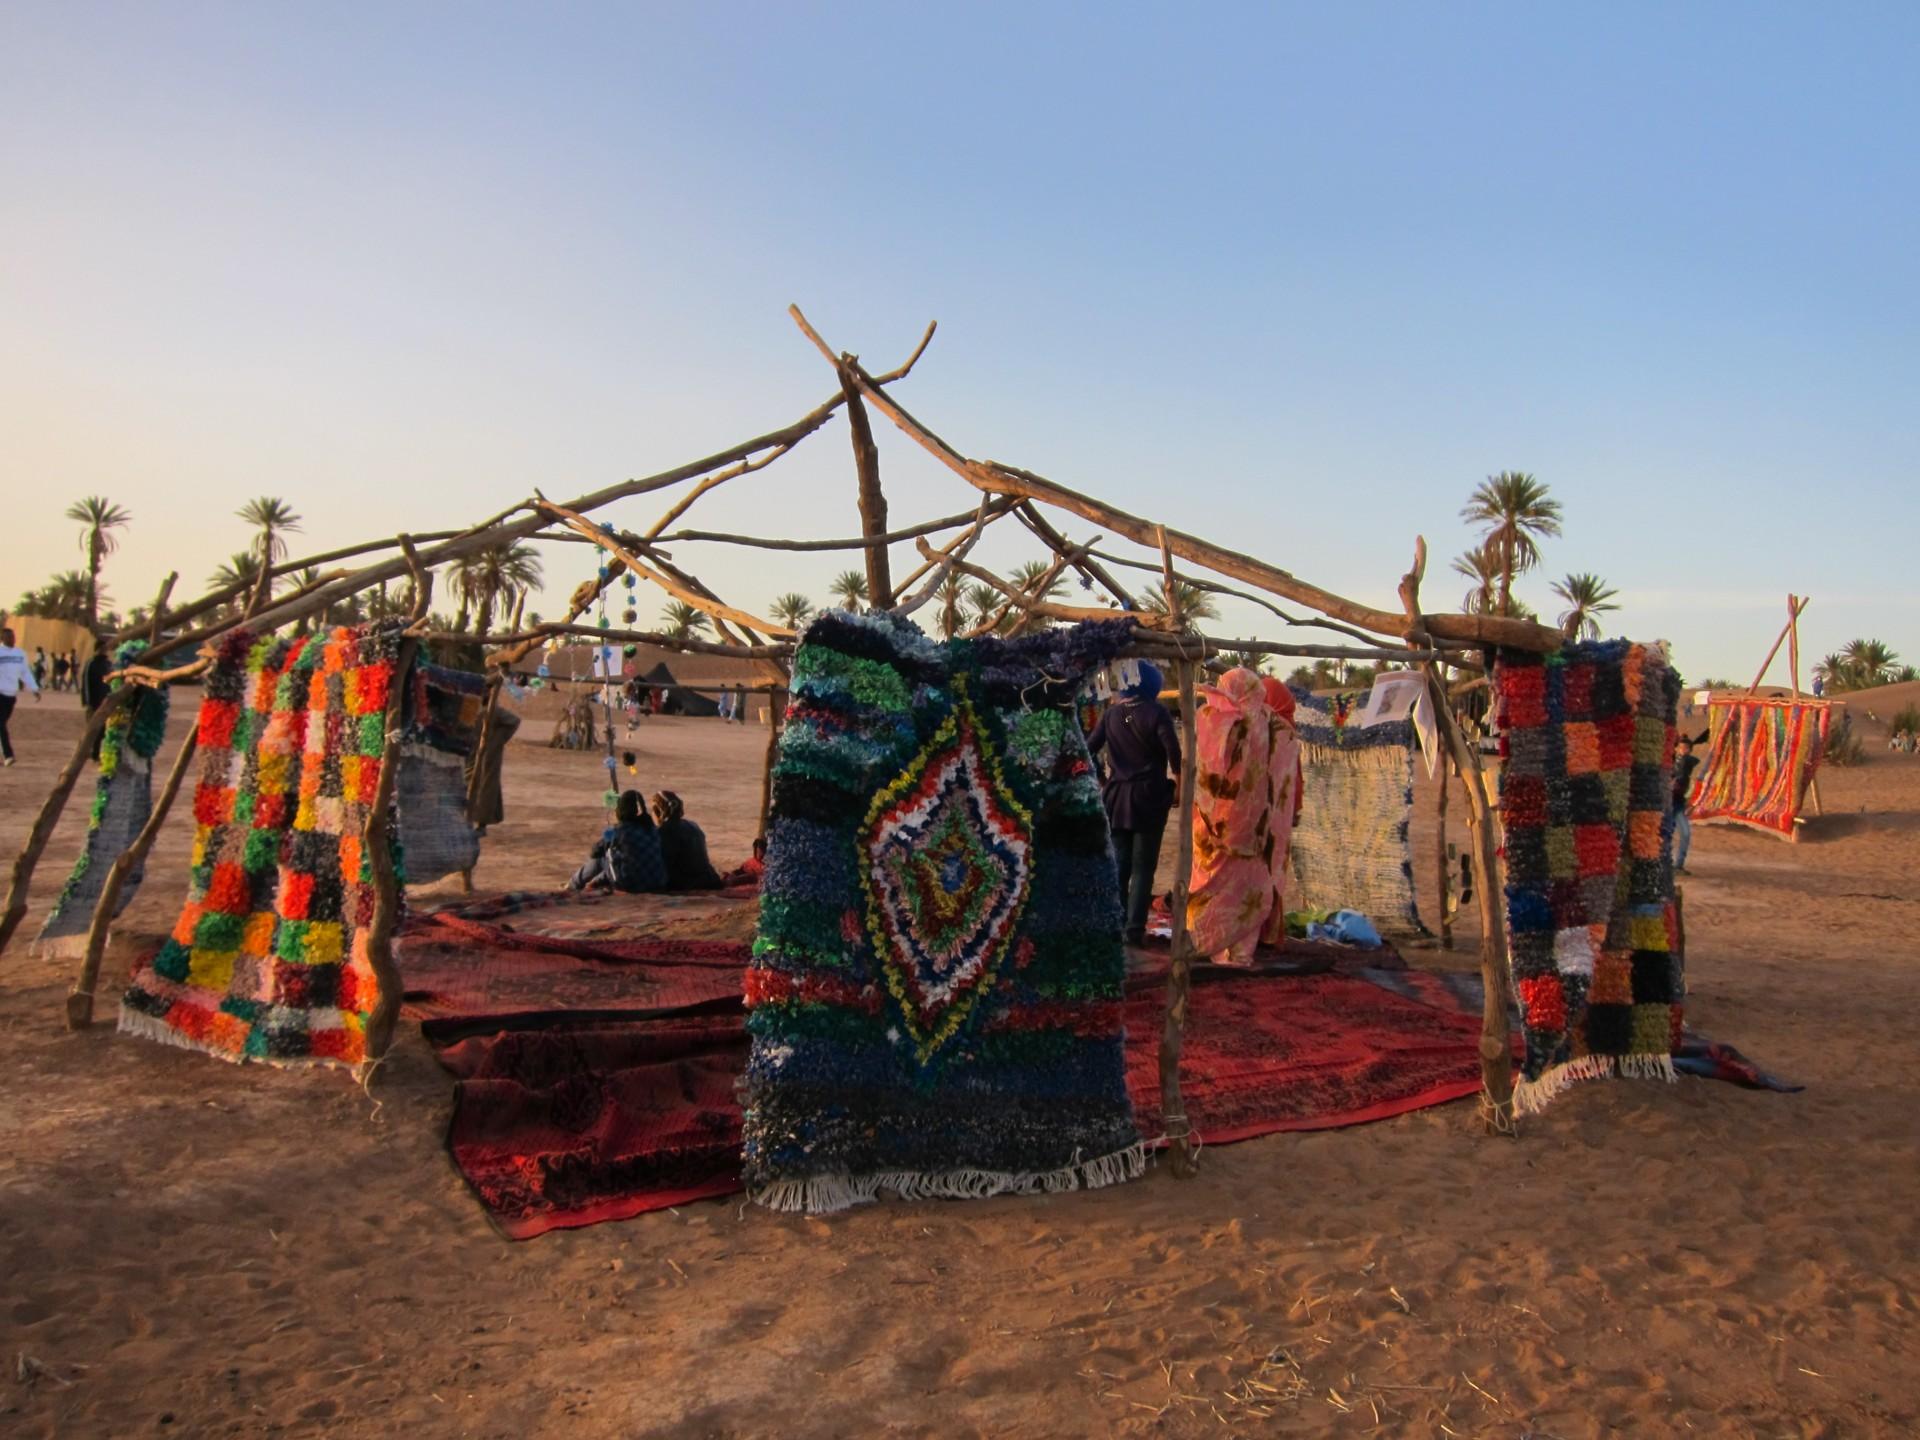 De kleding wordt aan stukken gescheurd, met de repen stof knopen de vrouwen de tapijten.